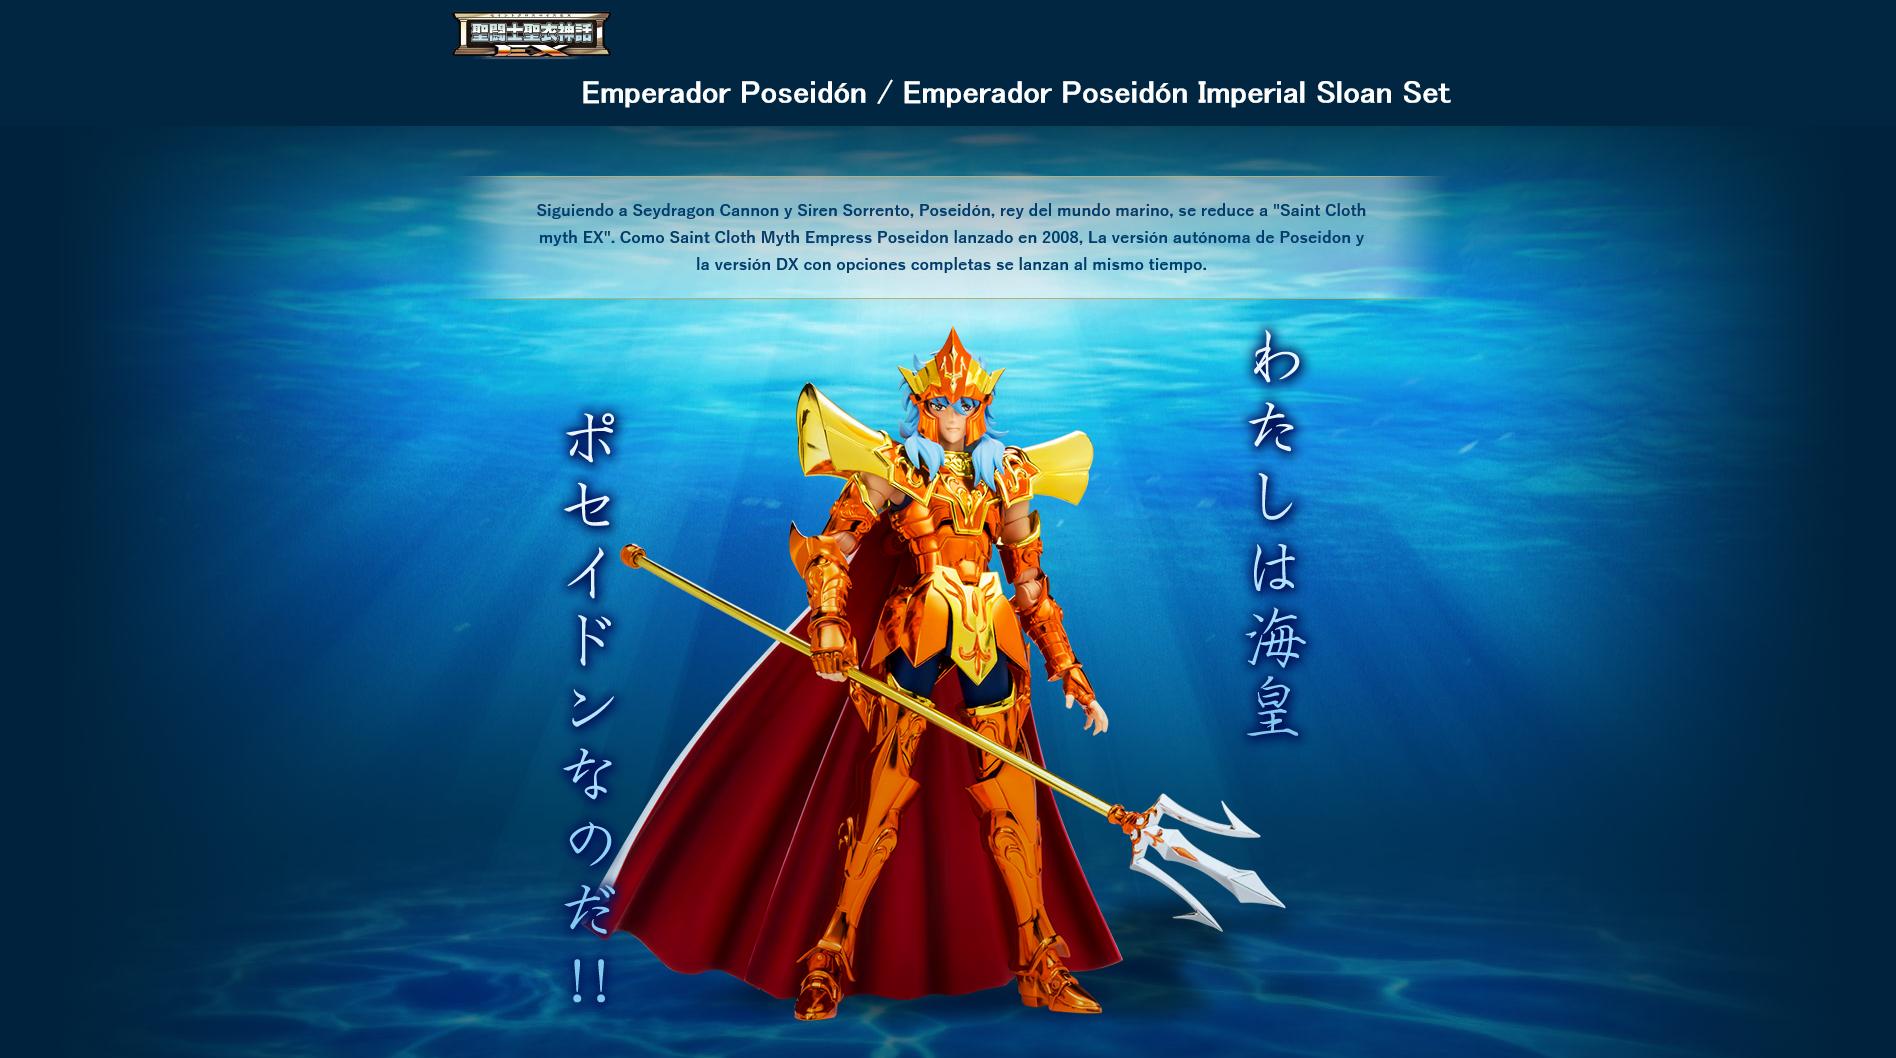 [Comentários] Saint Cloth Myth EX - Poseidon EX & Poseidon EX Imperial Throne Set - Página 2 VX64GvHc_o